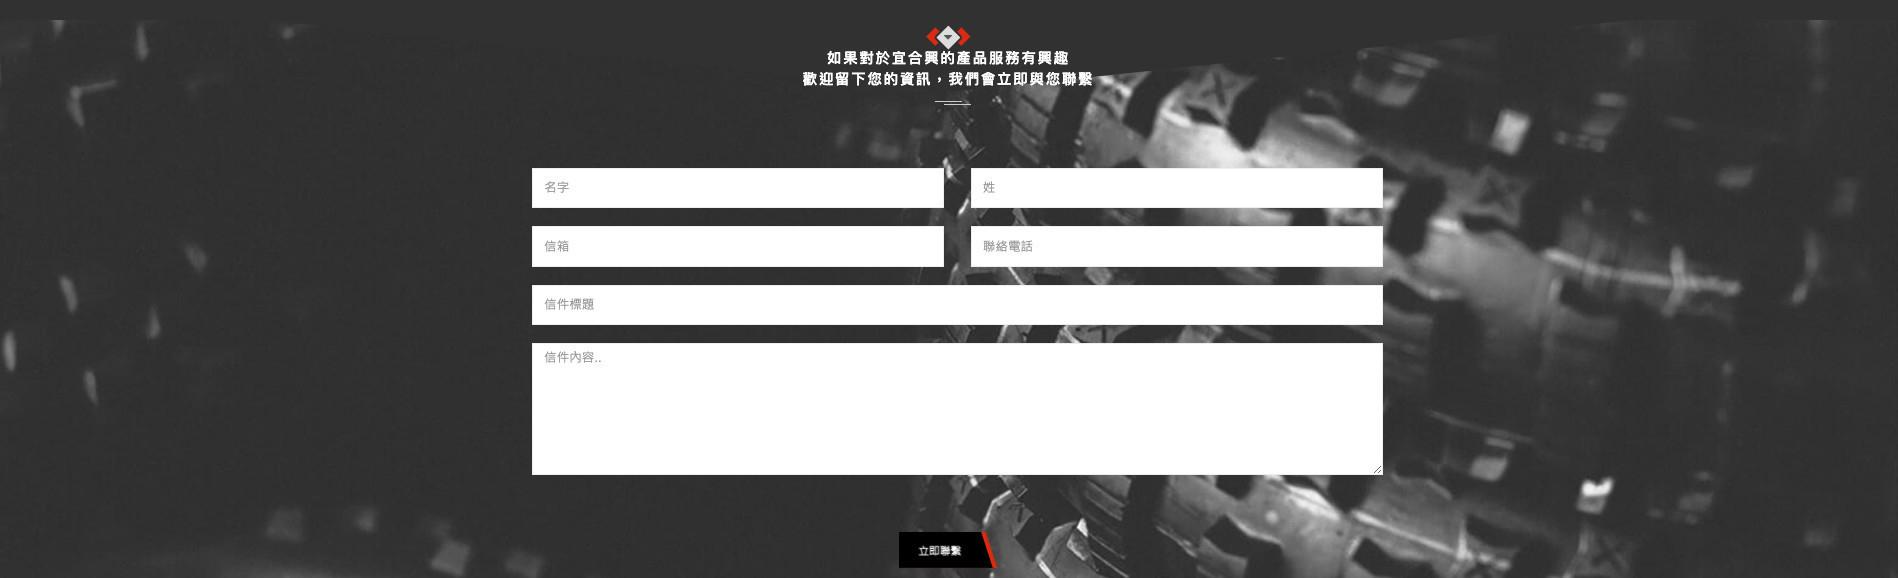 高雄SEO優化網頁設計成功案例-聯絡我們表單 宜合興機車零件及輪胎貿易商